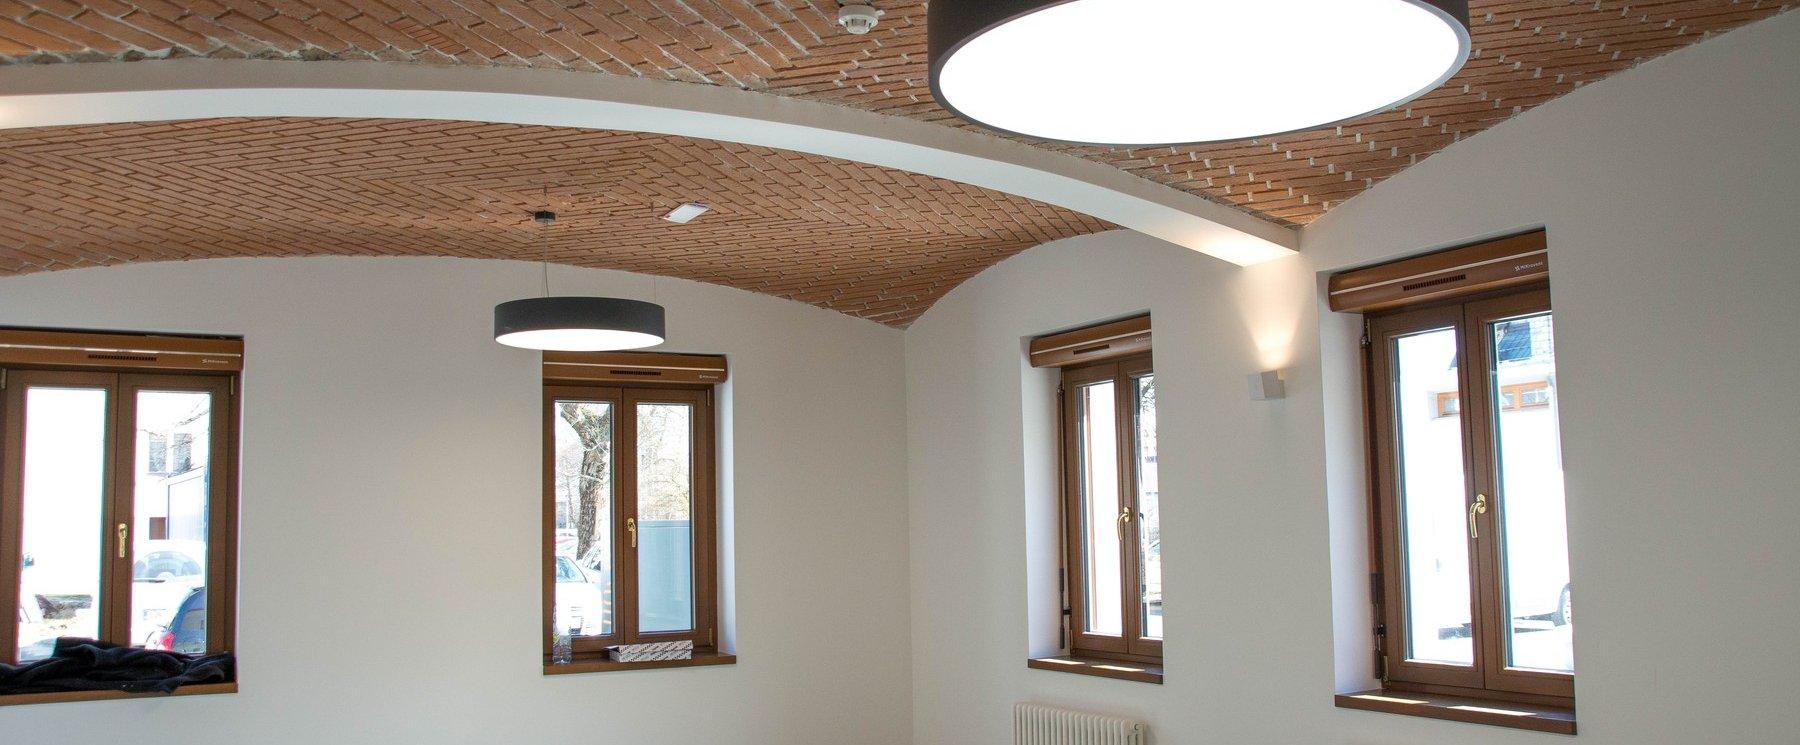 Kakovostna svetila in vrhunski sistemi razsvetljave